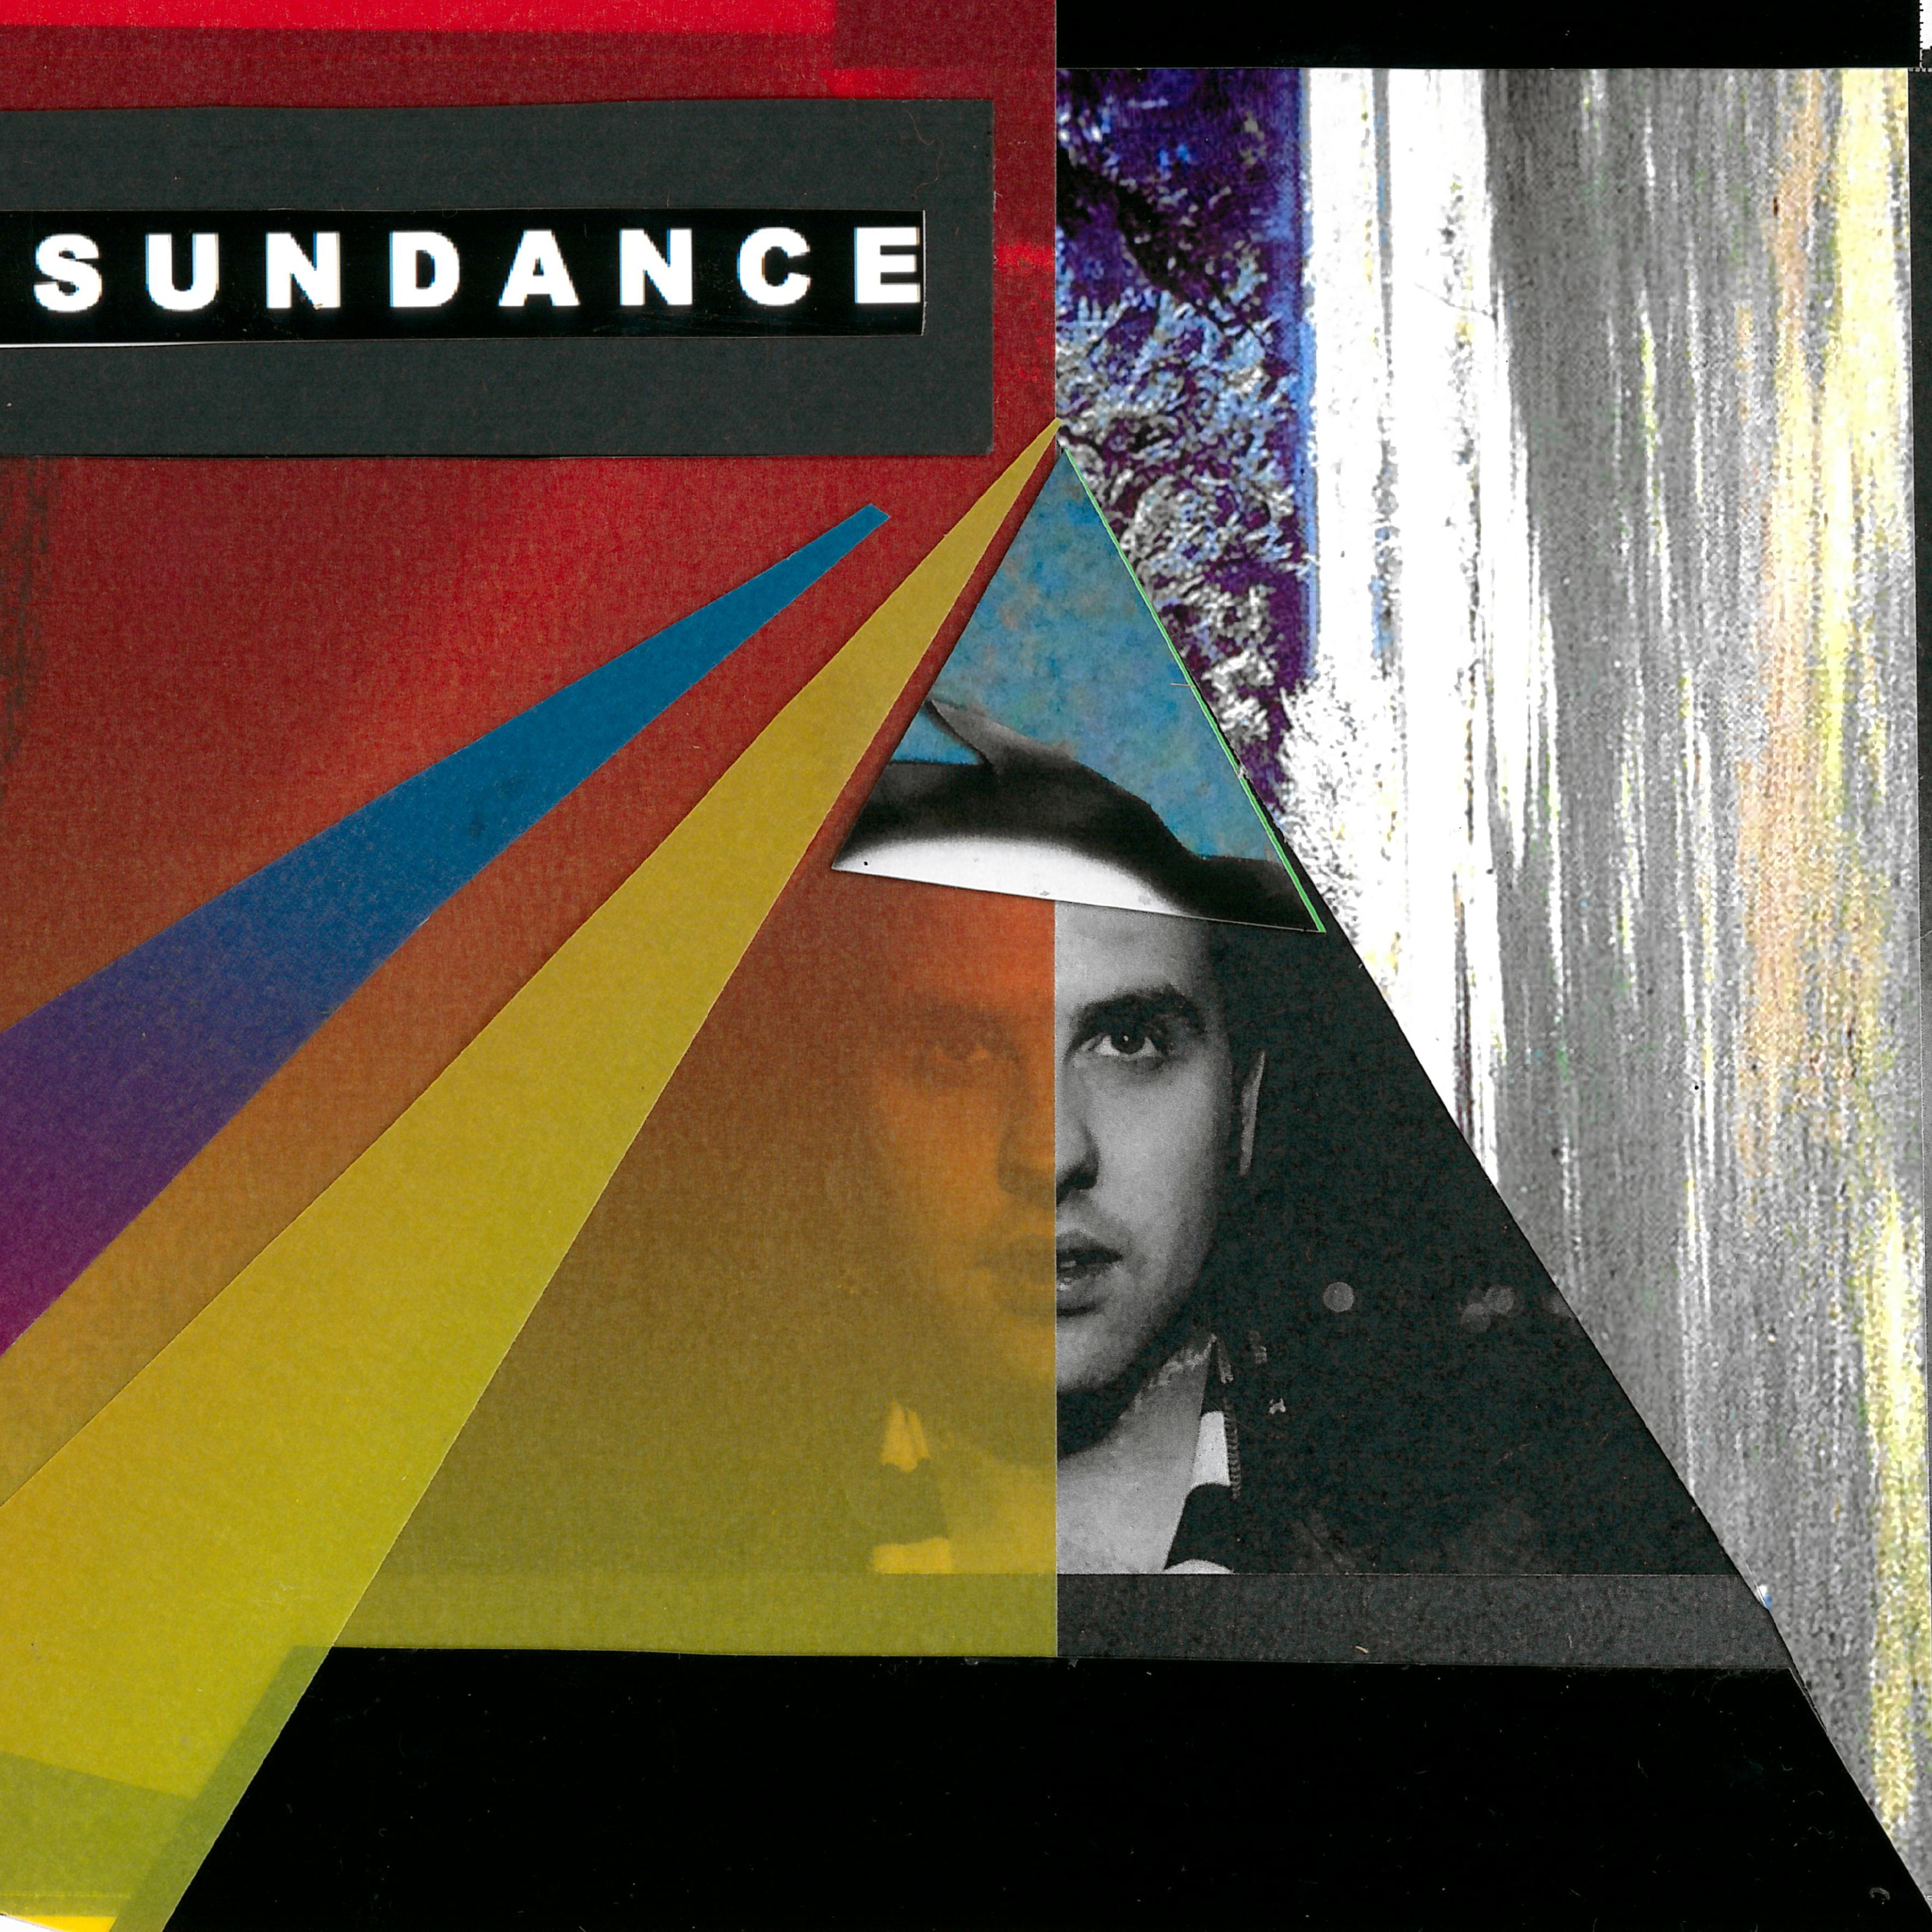 Sundance Artwork (1)